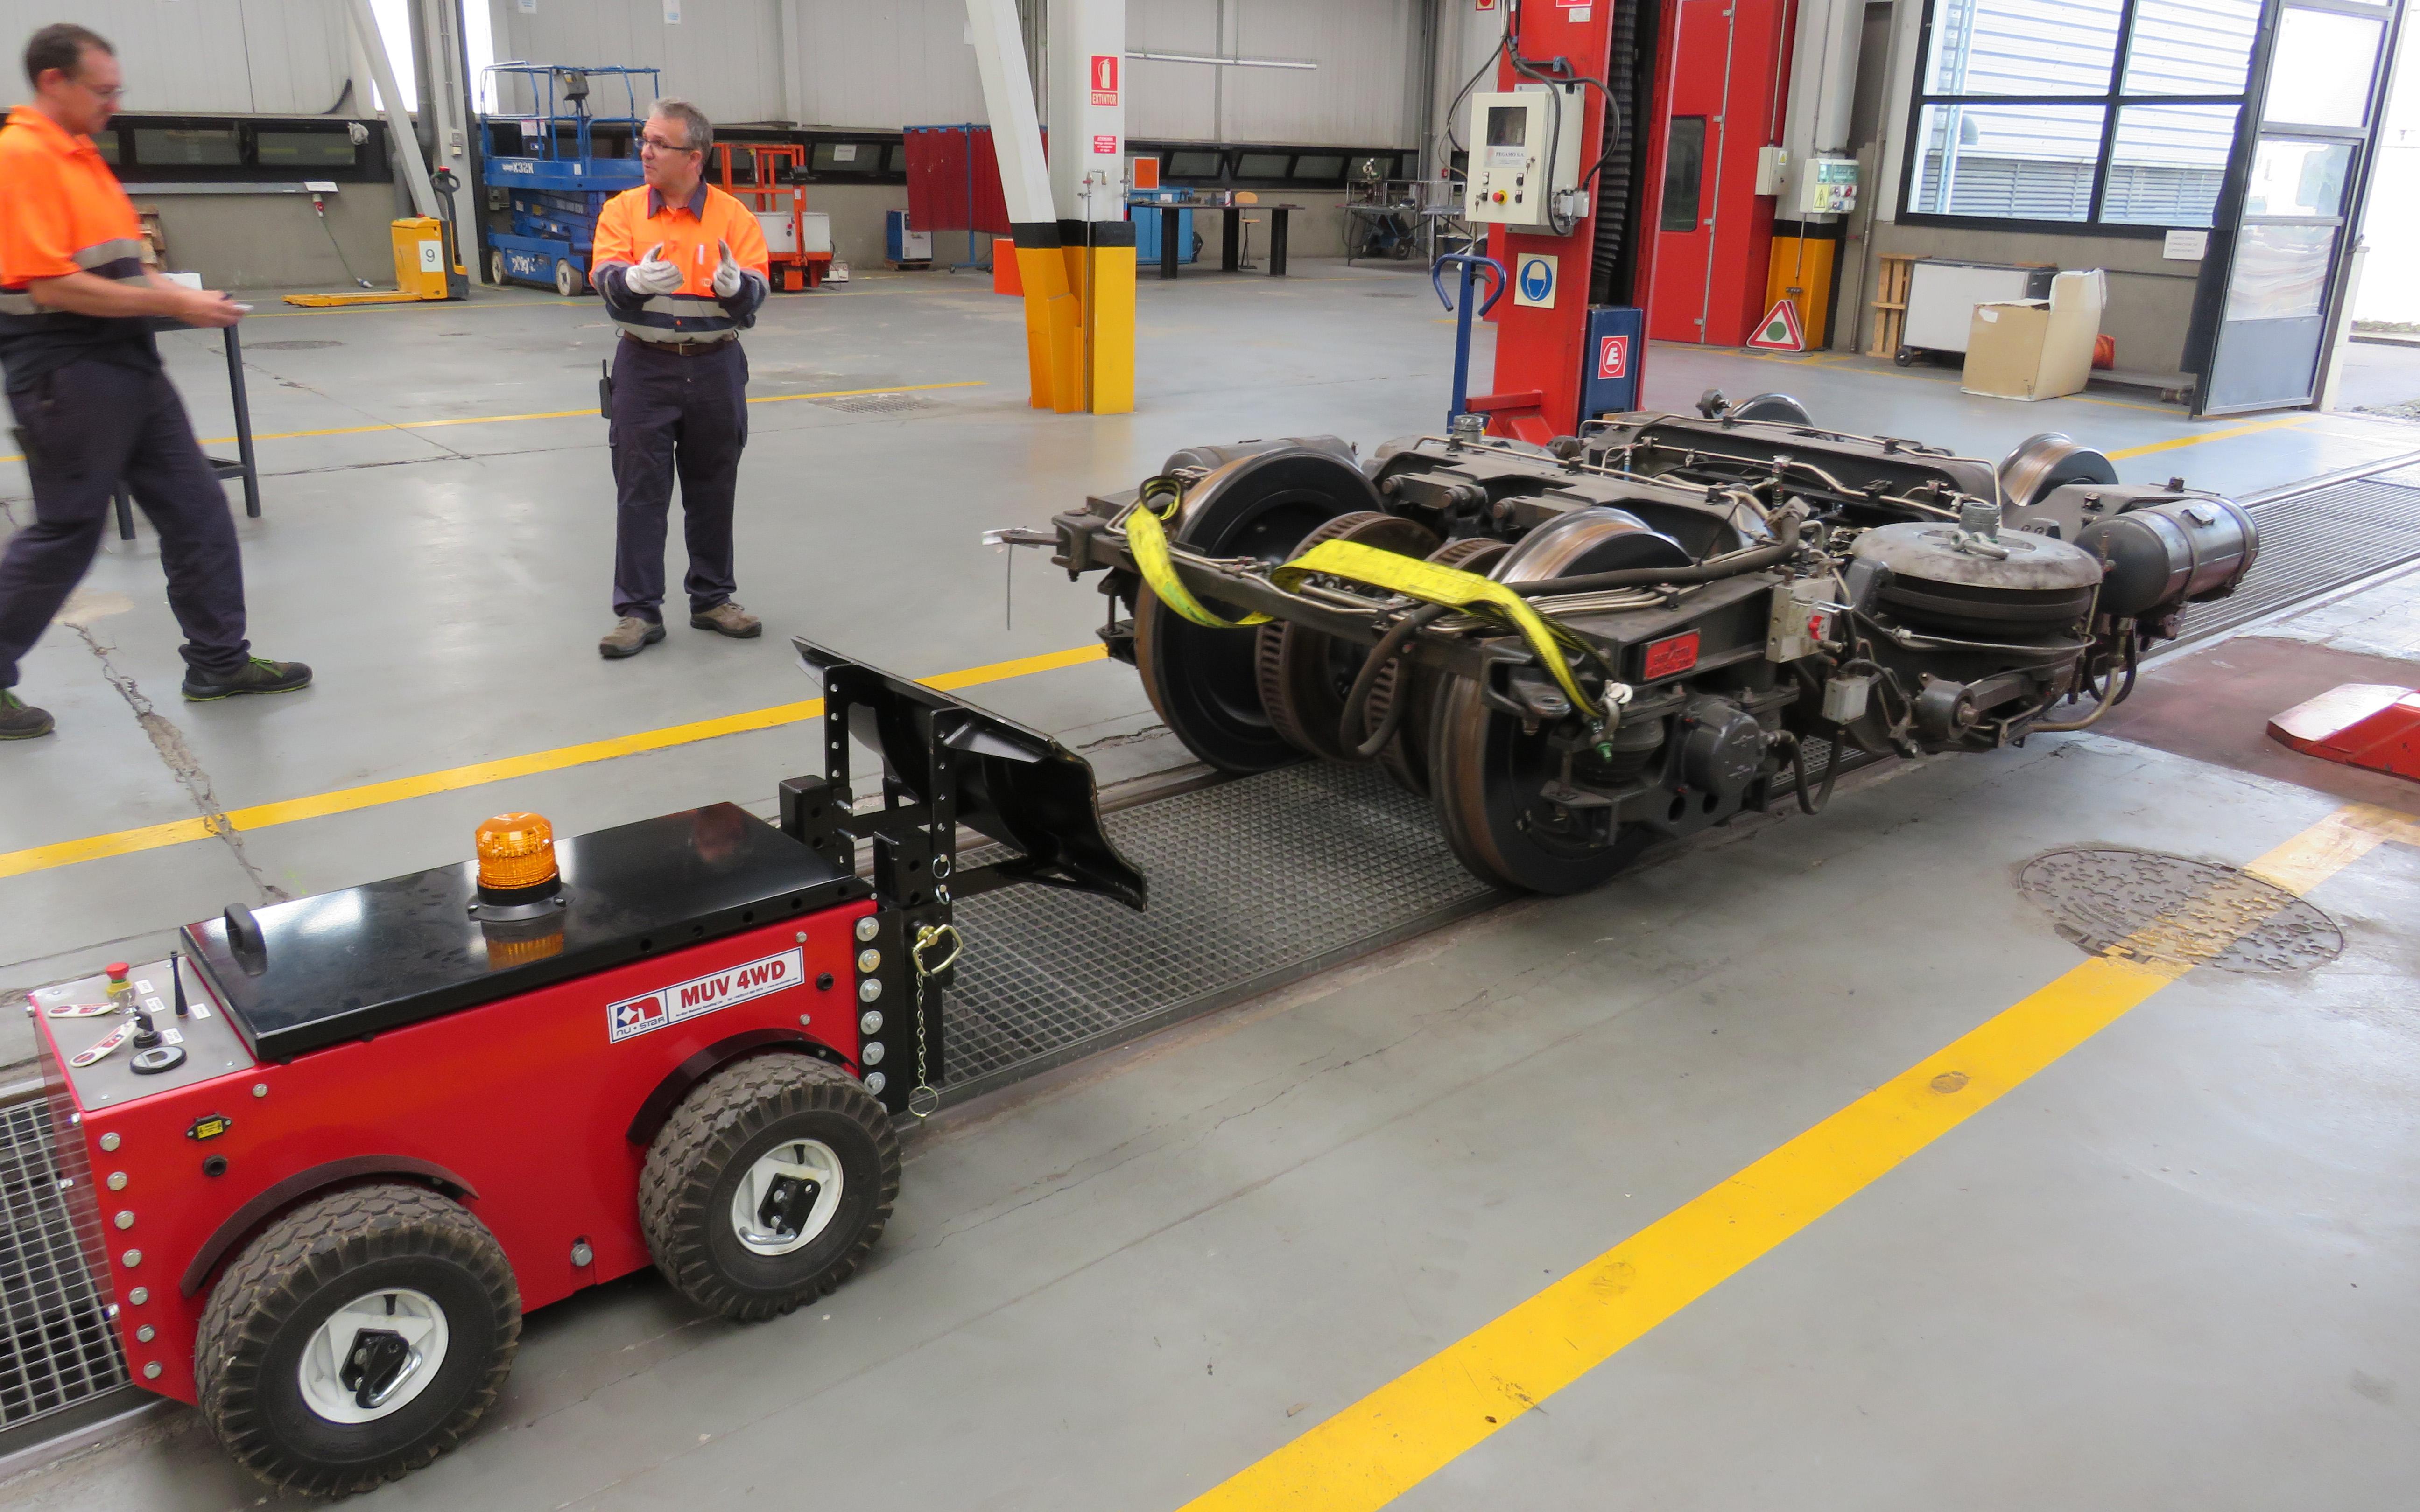 El remolcador eléctrico MUV 4WD controlado por radio, utilizado para mover bogies en los raíles de metro de un taller de mantenimiento